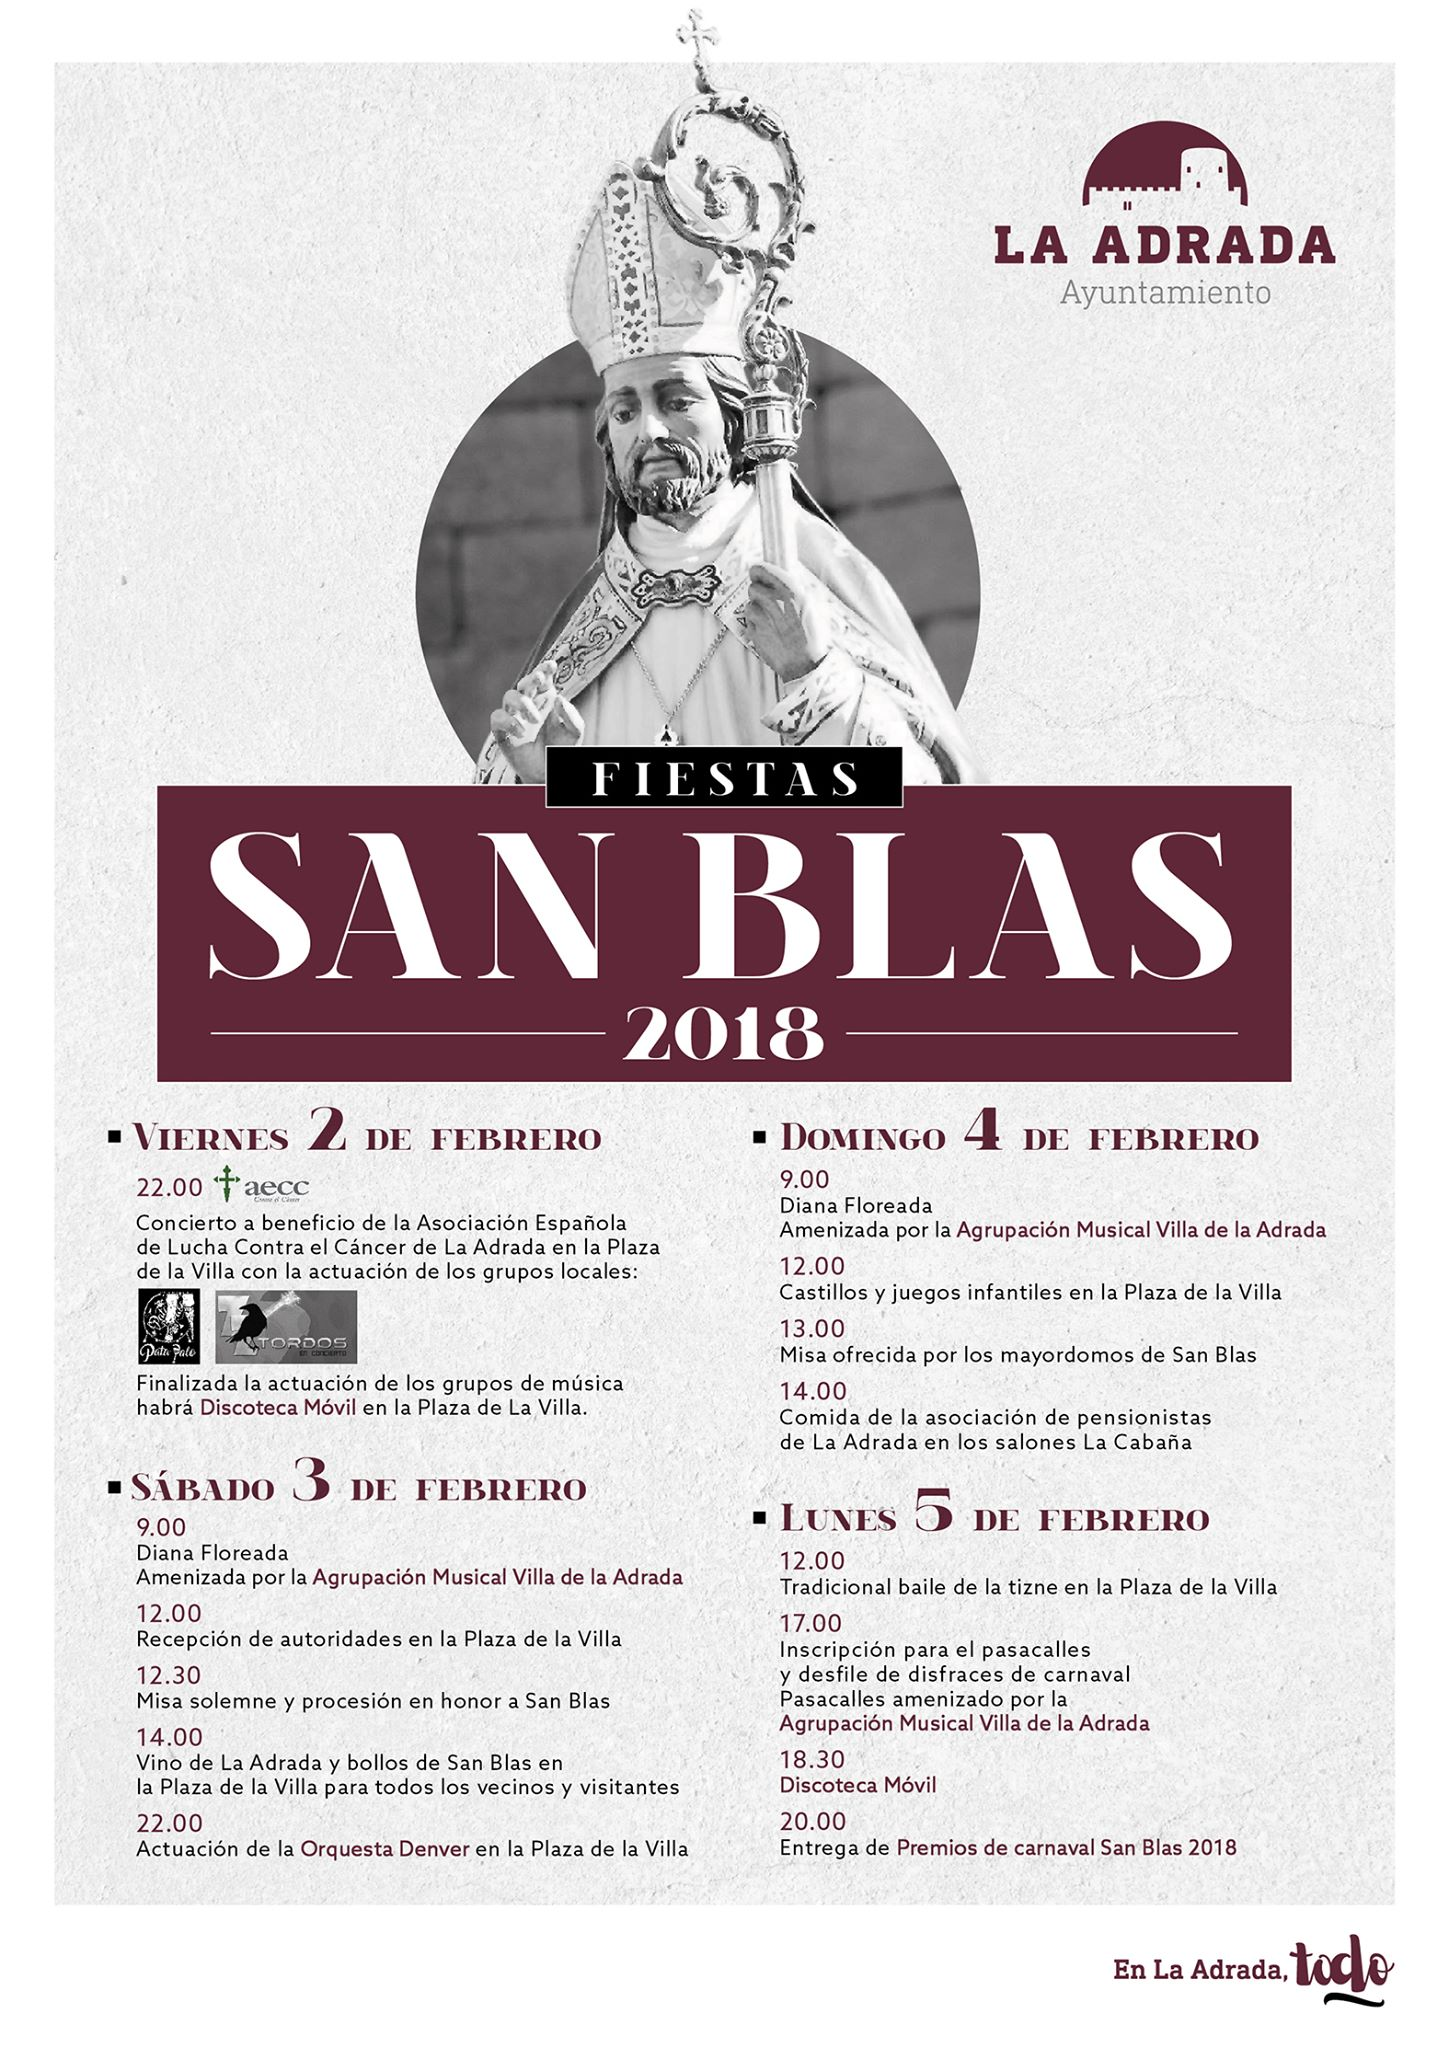 San Blas en La Adrada 2018 - TiétarTeVe